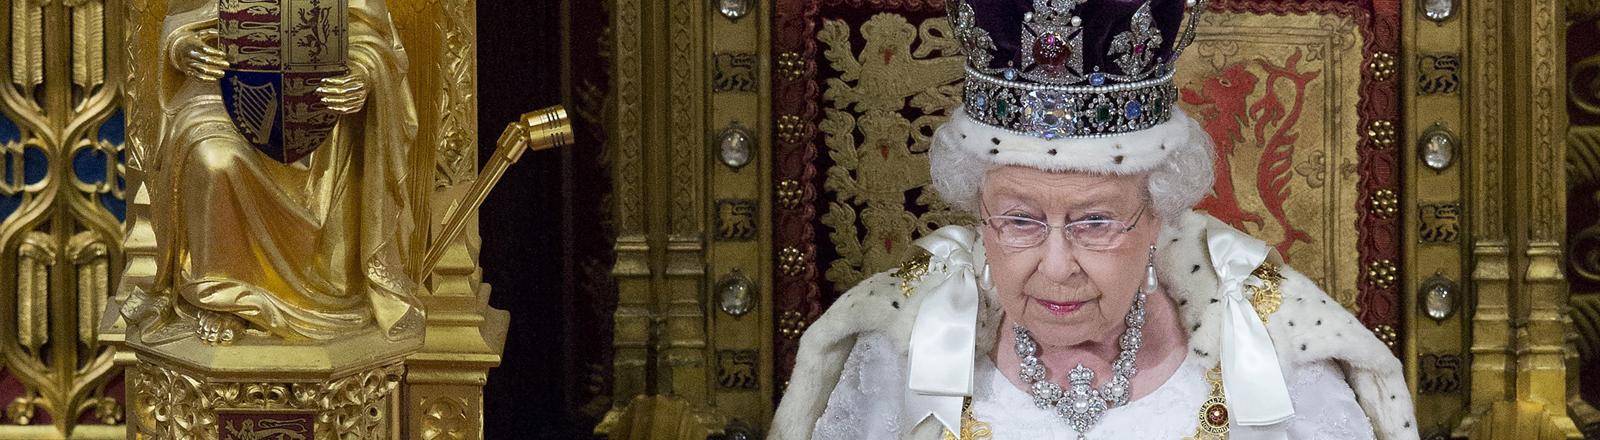 Queen Elizabeth II. im britischen Parlament